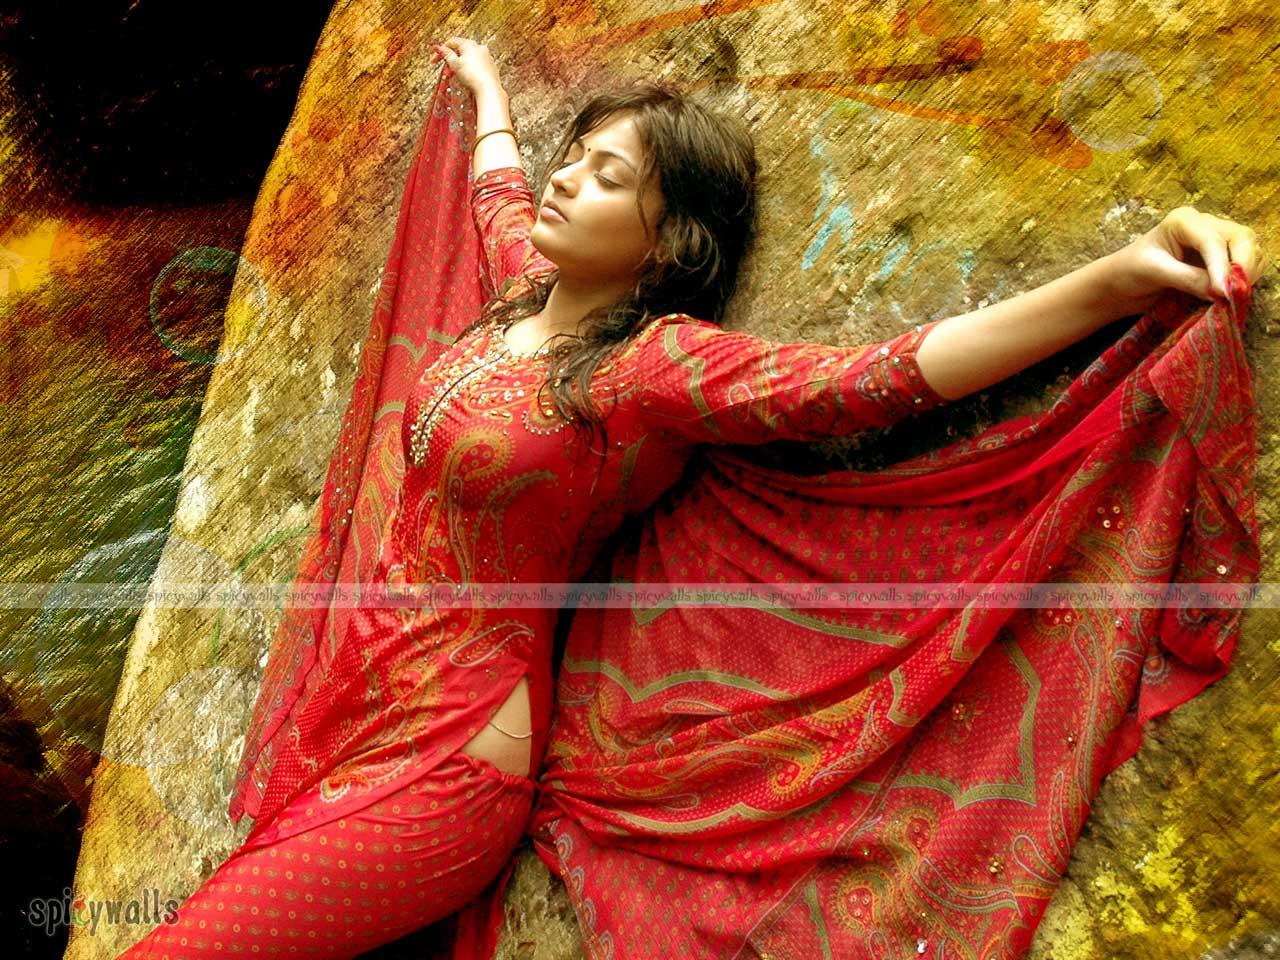 Bangla girl exposing on yahoo - 1 part 8